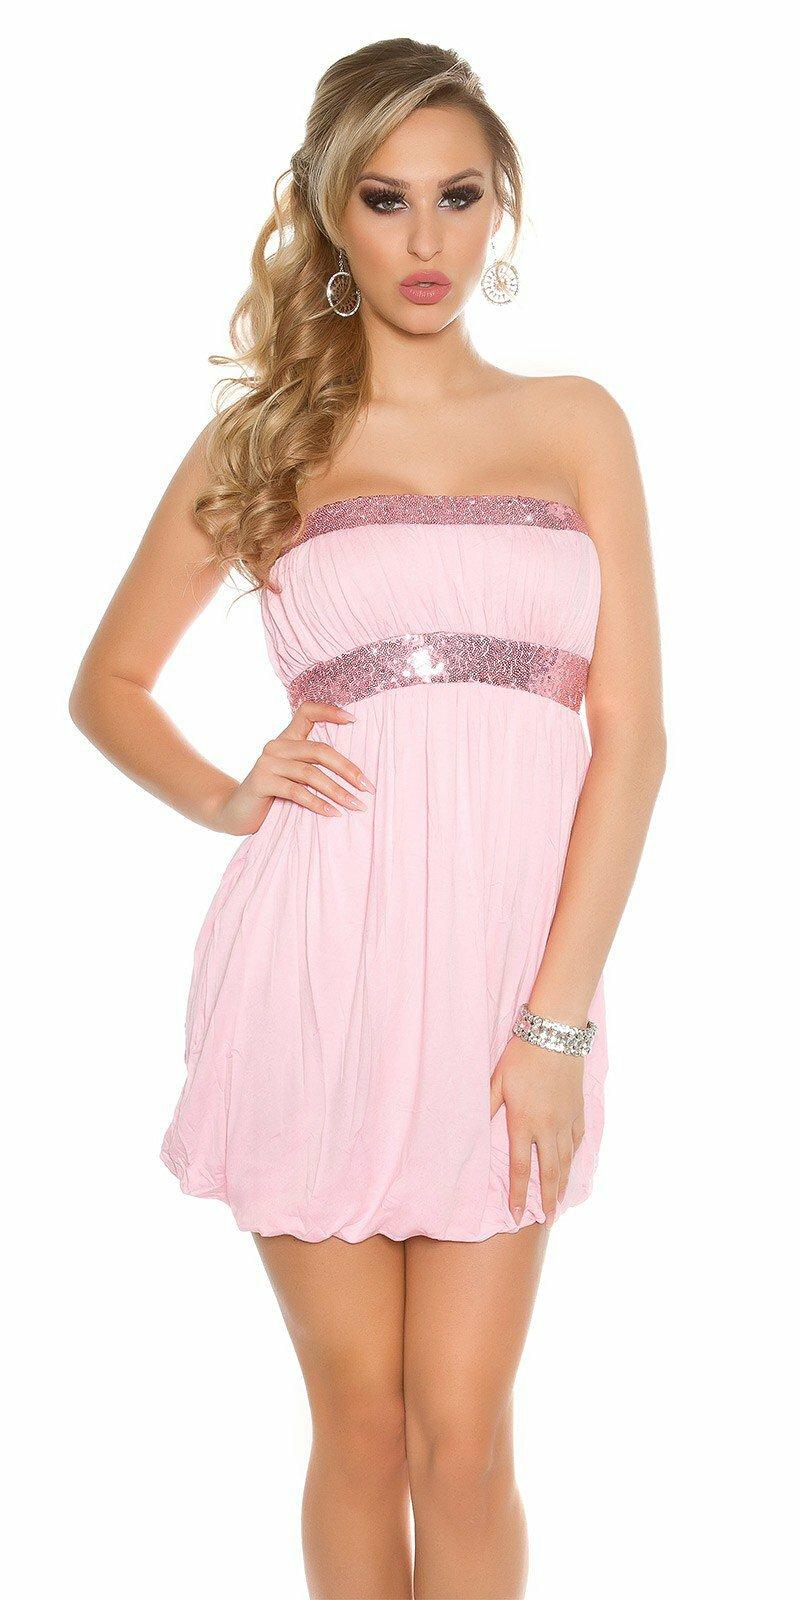 6ea1916b1dad Dámske krátke letné mini šaty  Veľkosť S Farba Bledá ružová